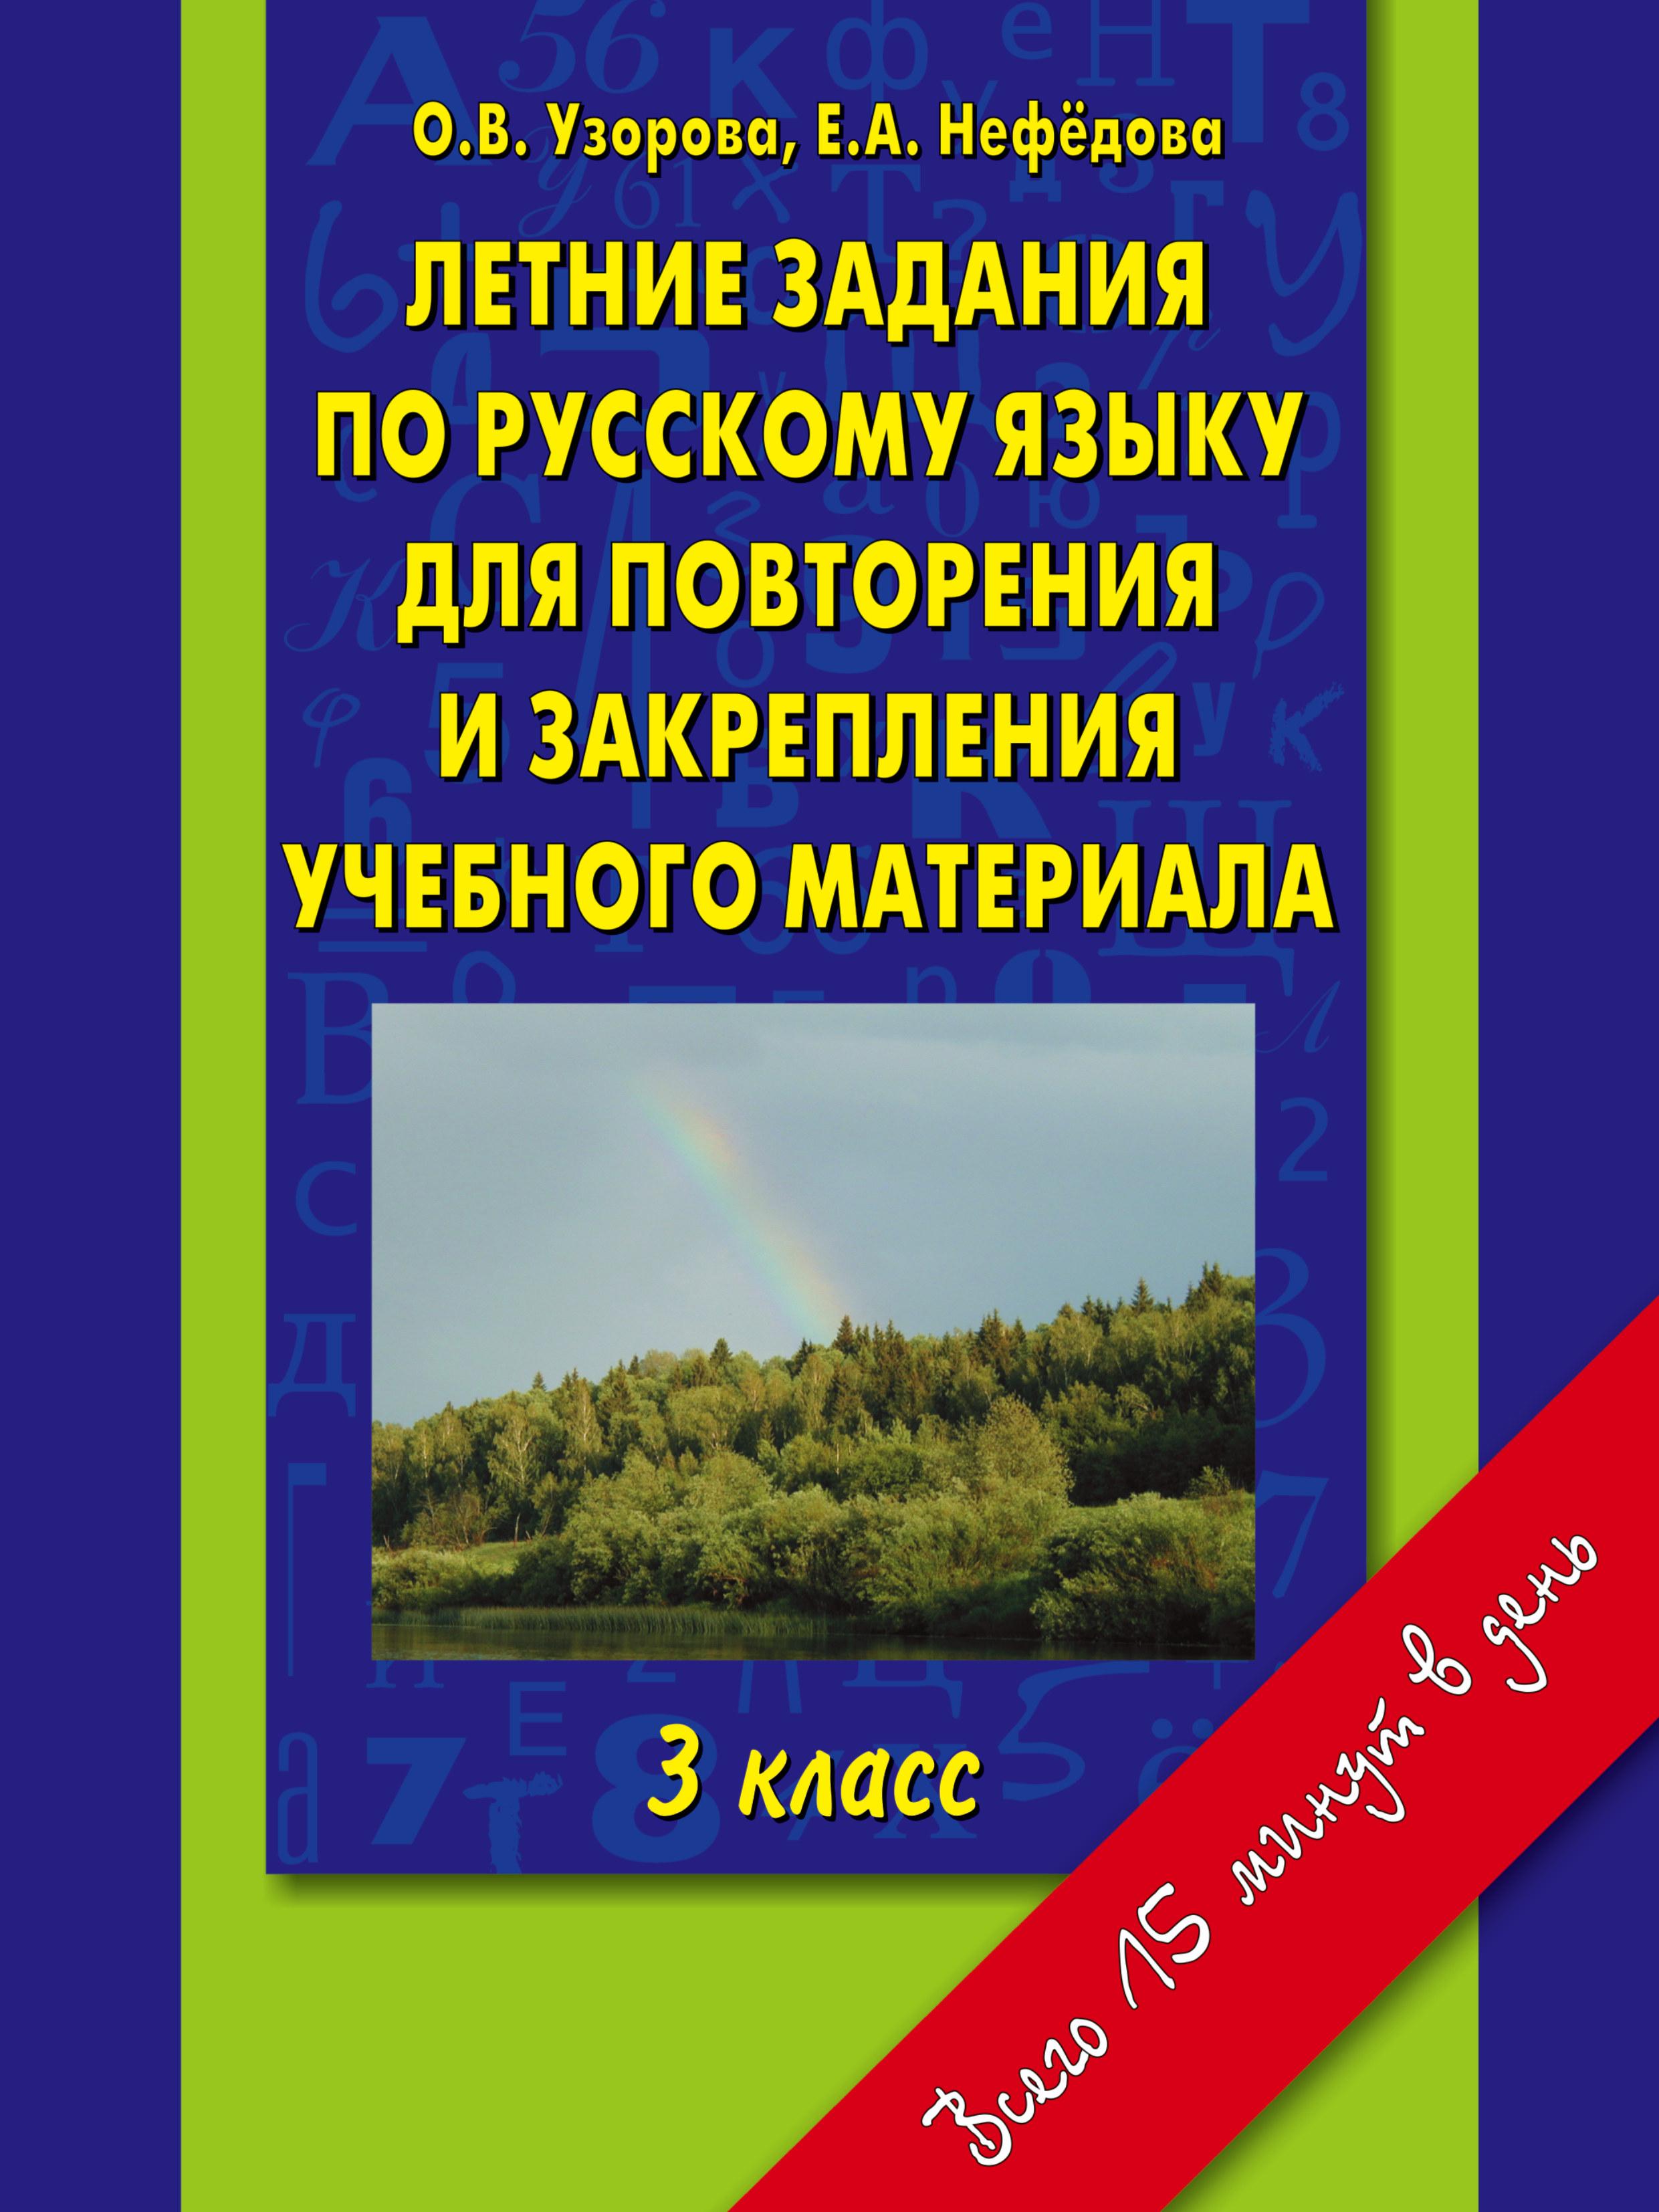 Летние задания по русскому языку для повторения и закрепления учебного материала.3 класс